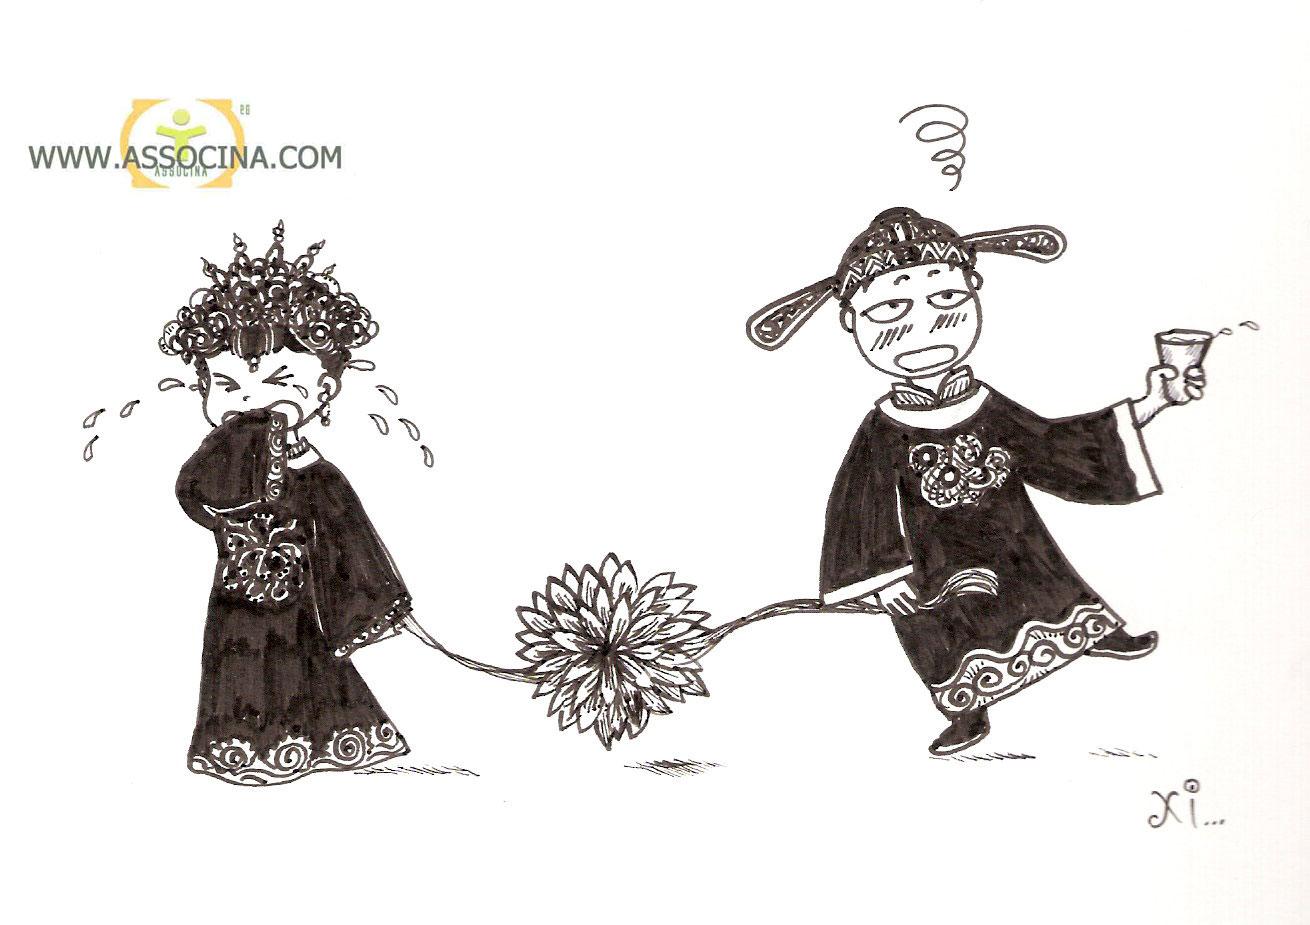 Auguri Matrimonio Vignette : Associna vignetta il matrimonio